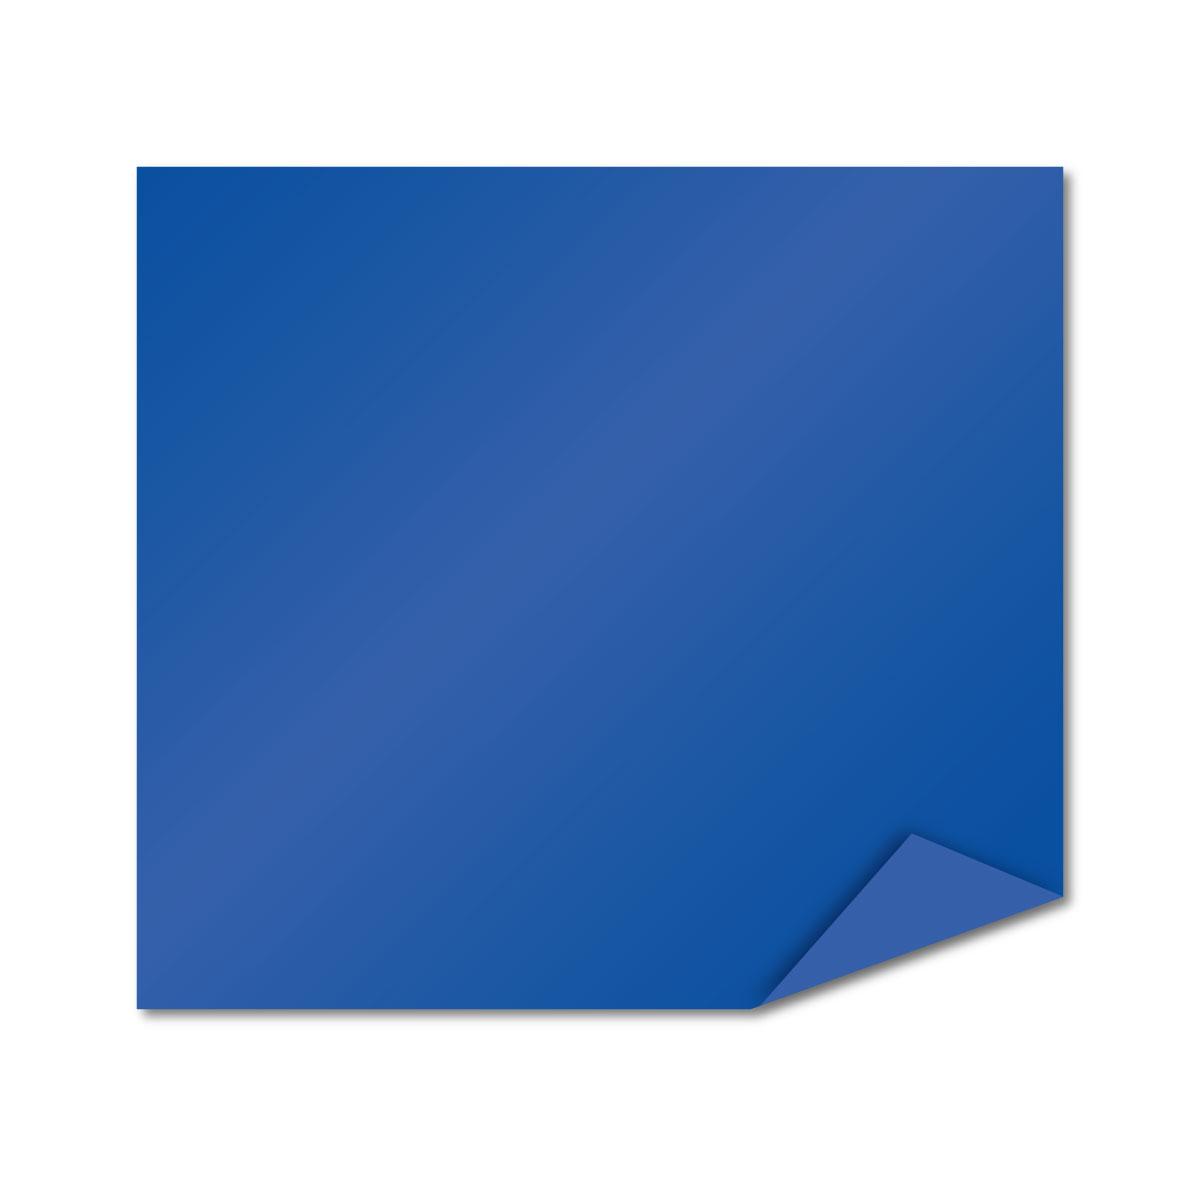 pvb 038mm vanceva true blue interleaved 2460mm